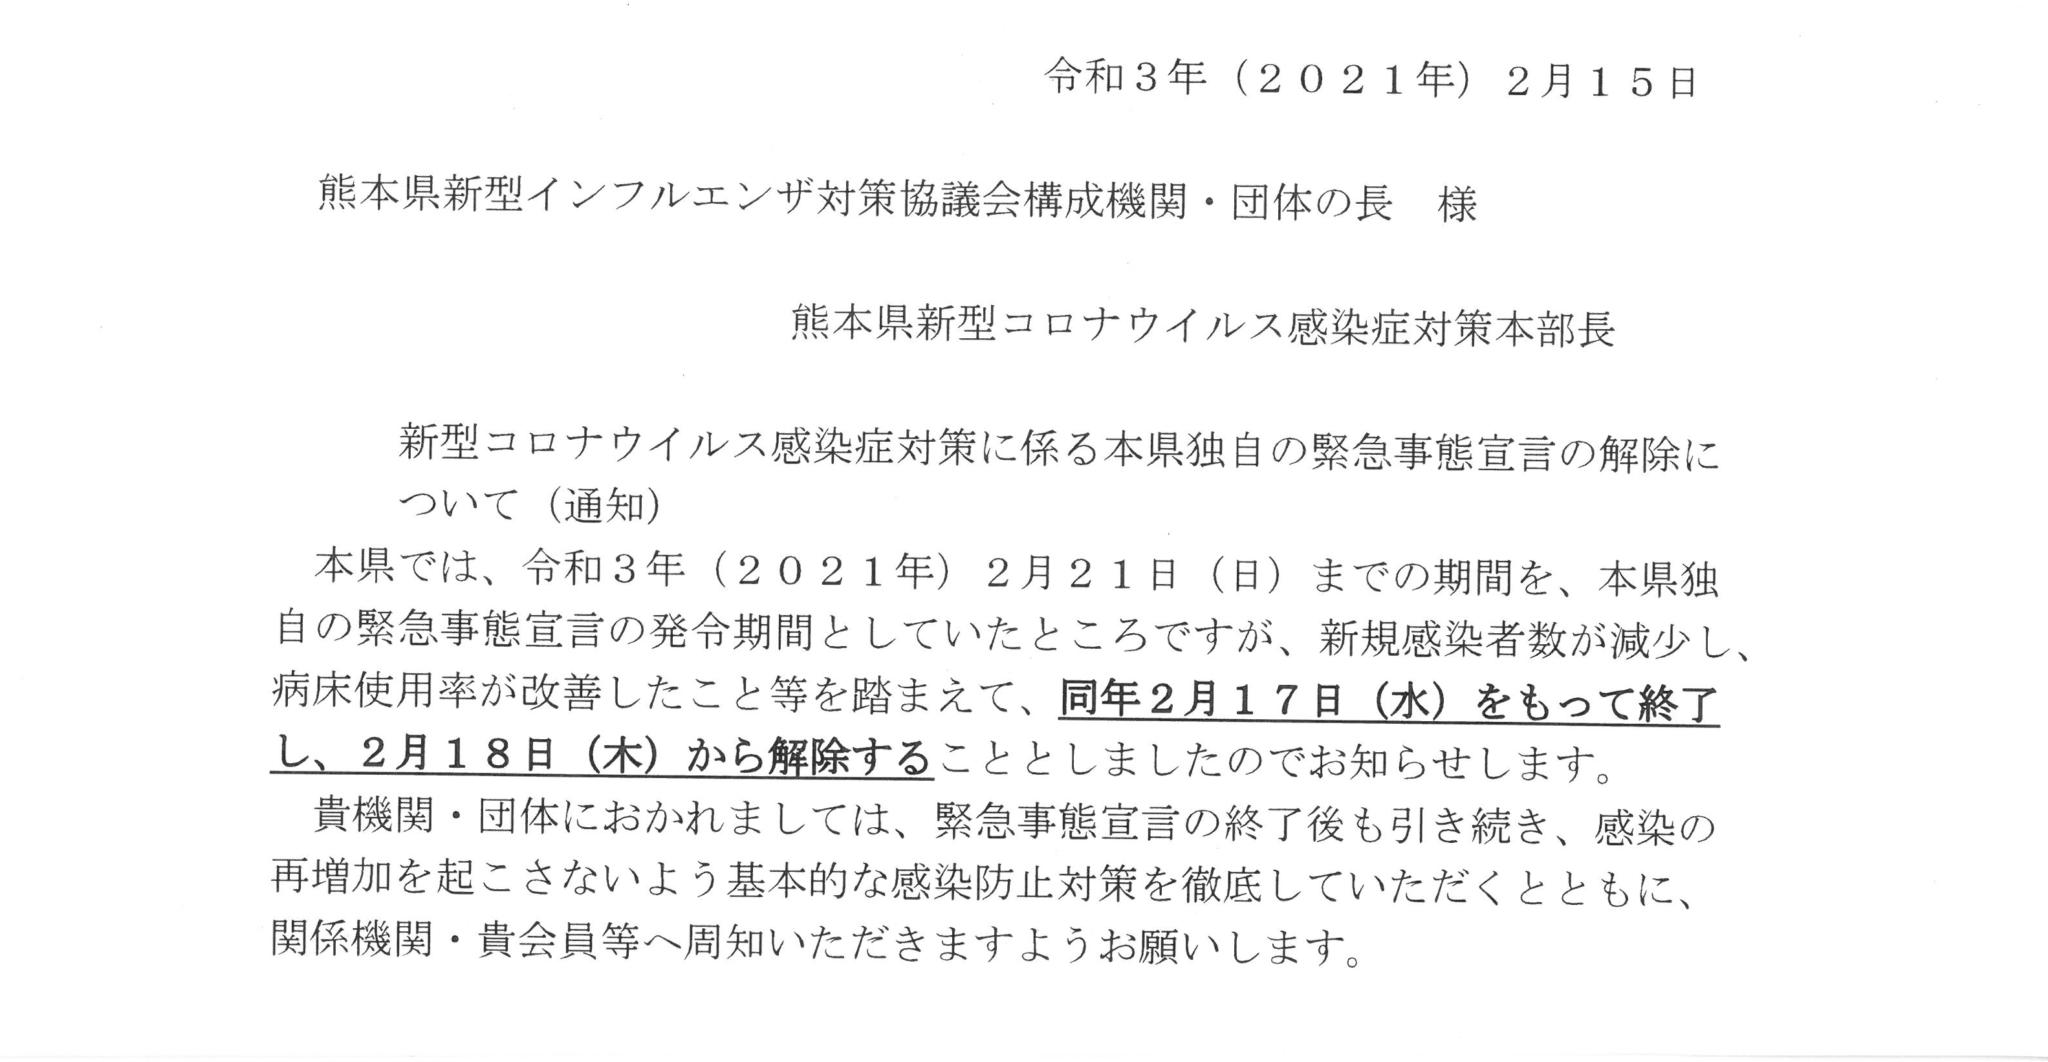 解除 事態 県 宣言 熊本 緊急